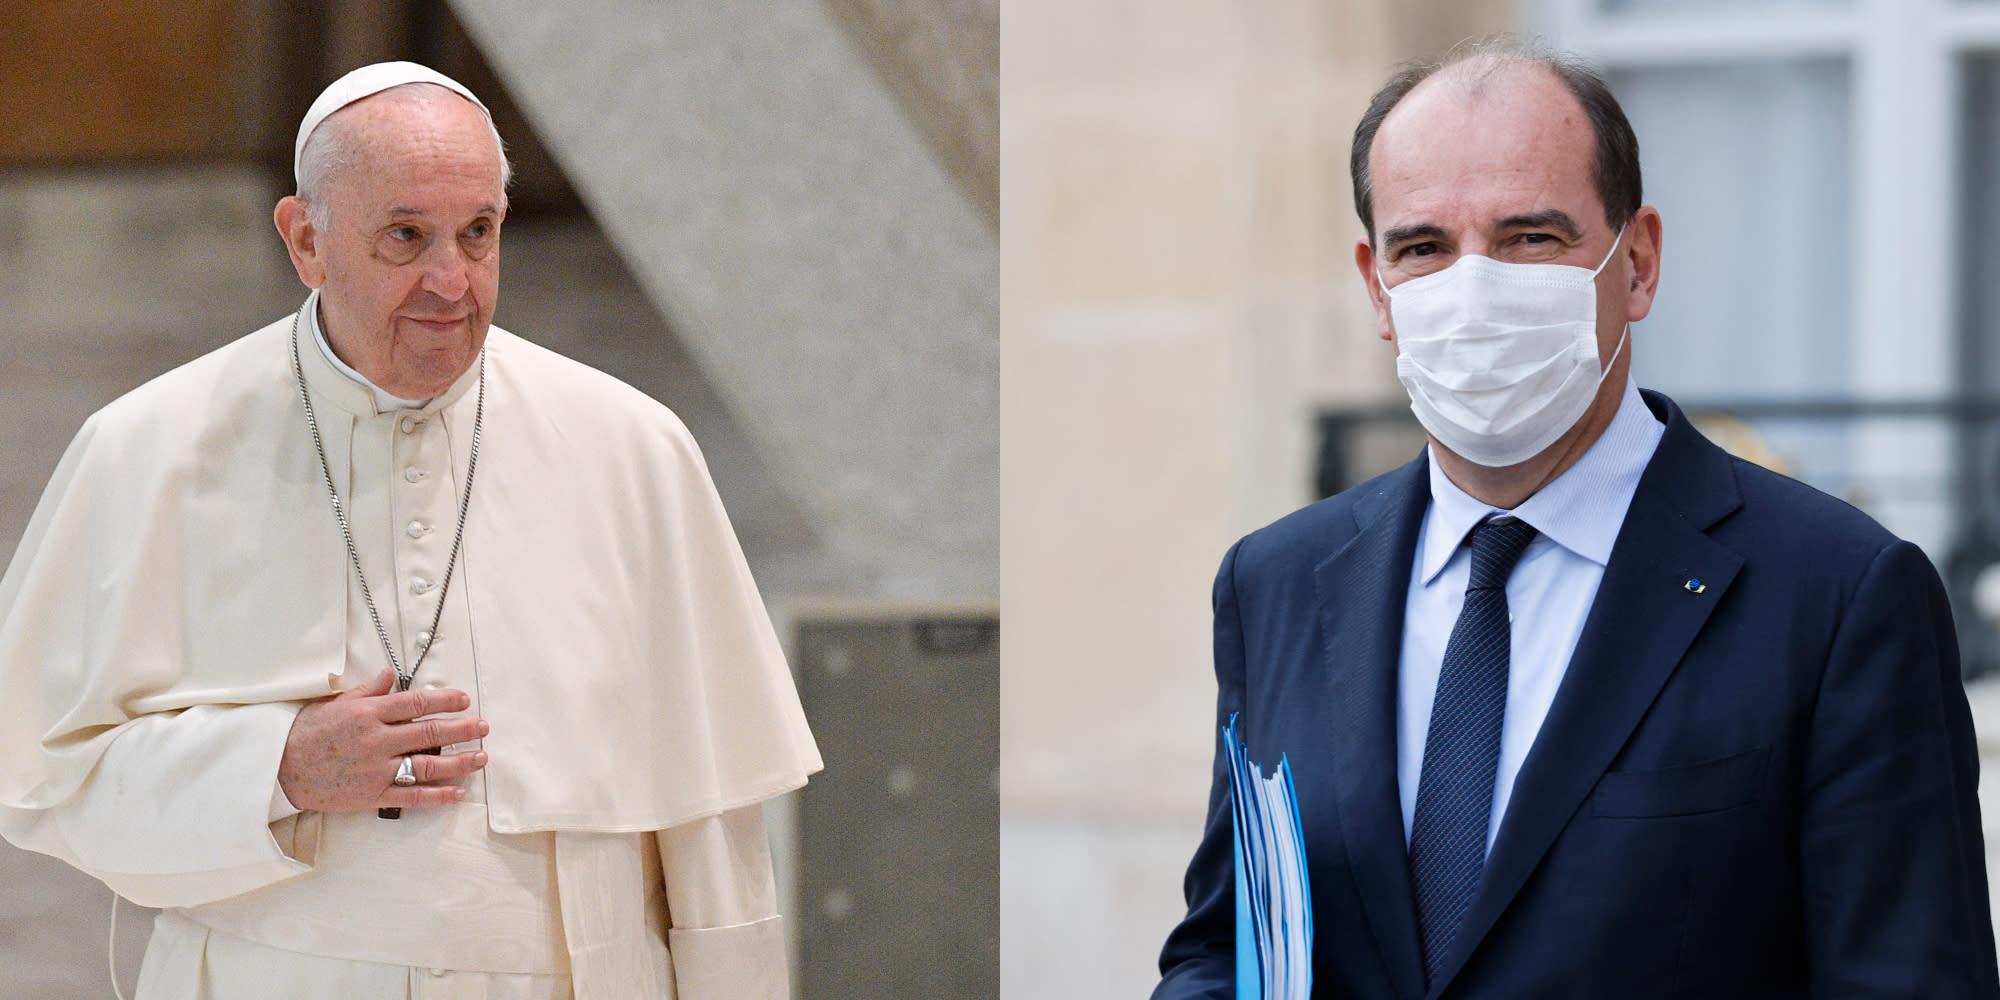 De quoi Jean Castex et le Pape François vont-ils parler au Vatican ?